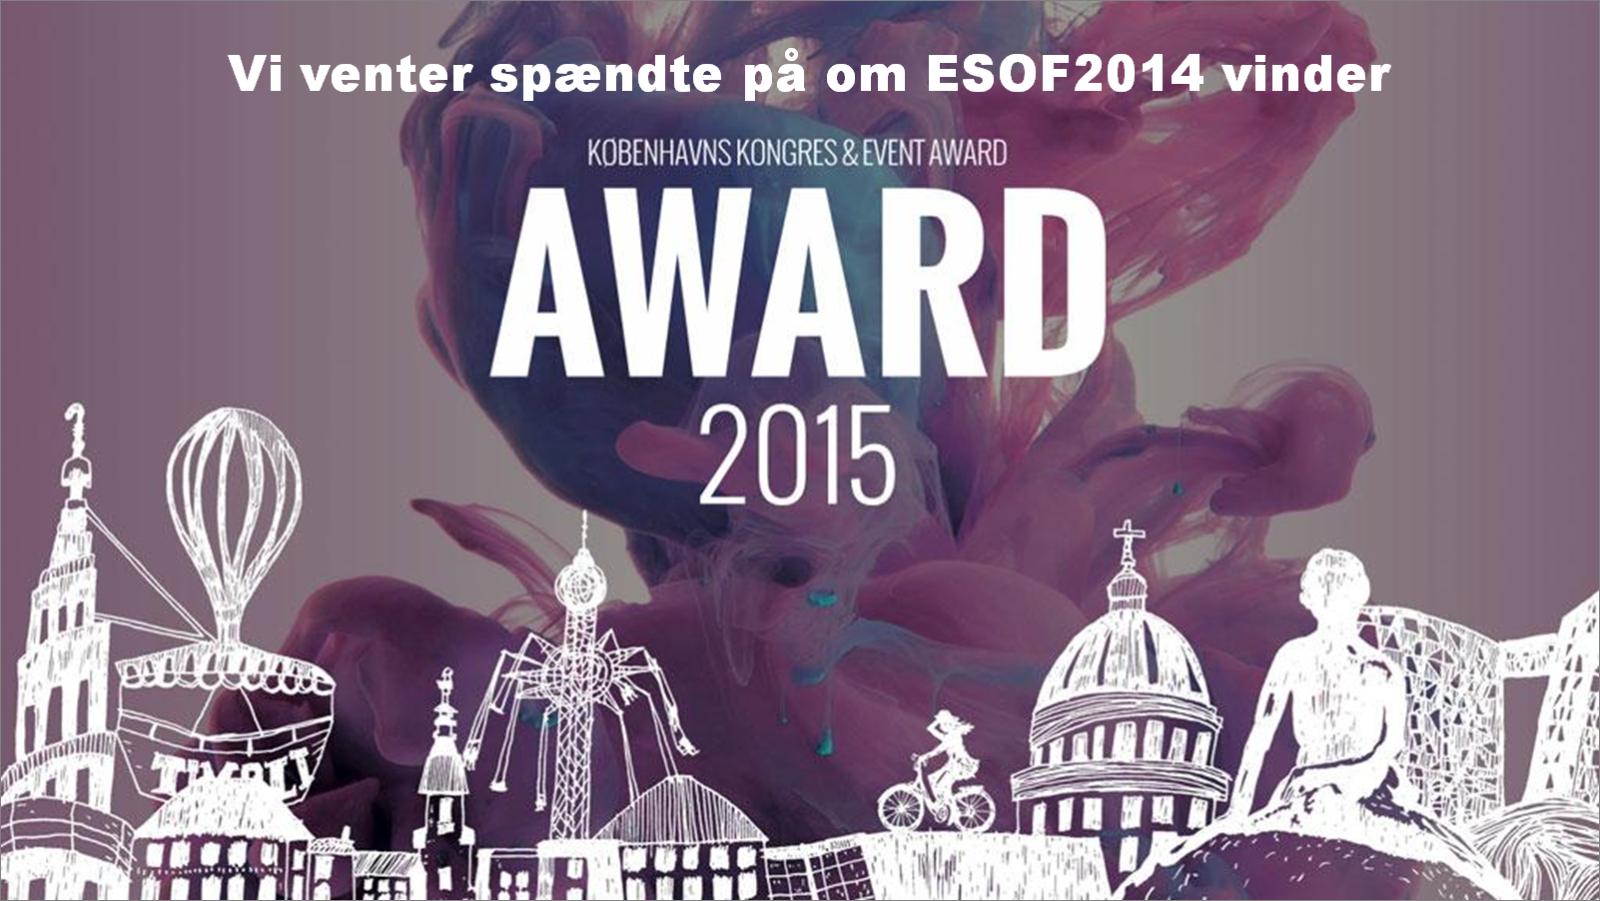 CPH Congress & Event Award 2015